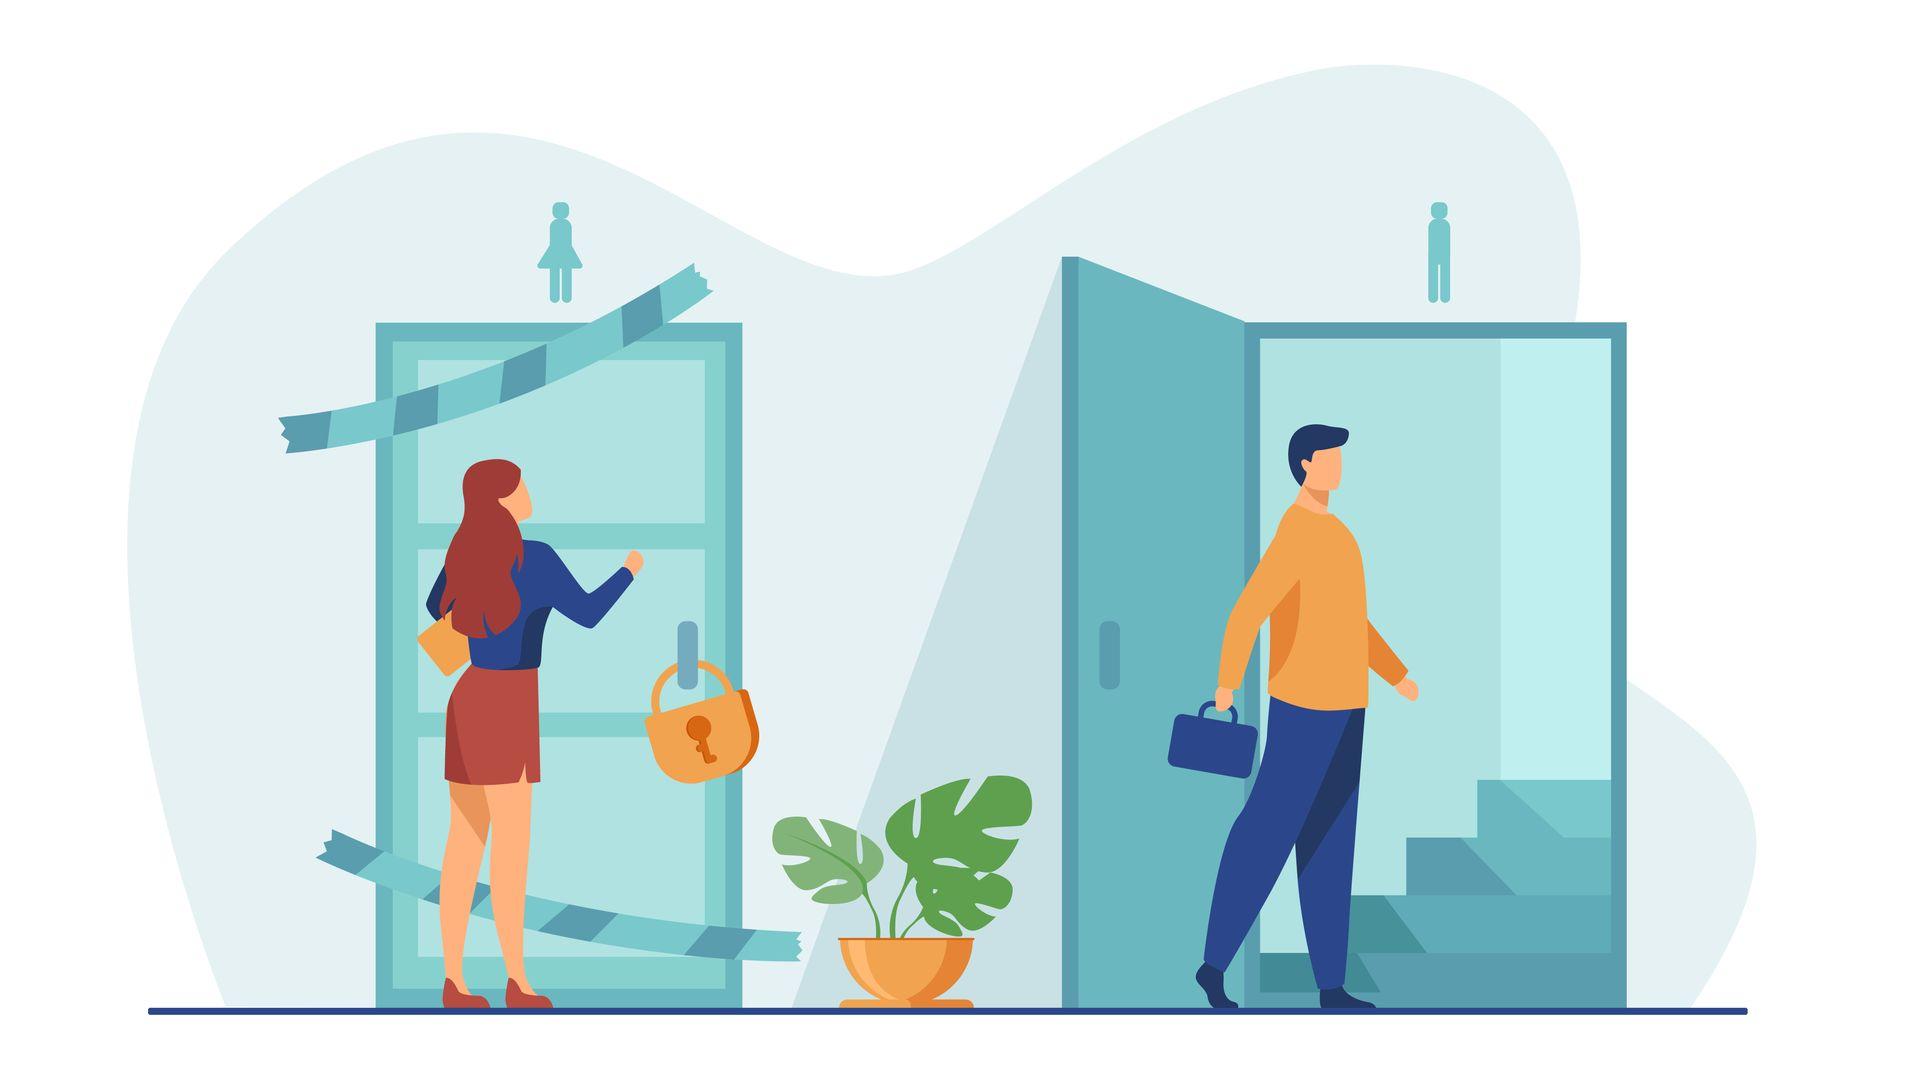 Desigualdade salarial e discriminação podem aumentar no mercado de trabalho